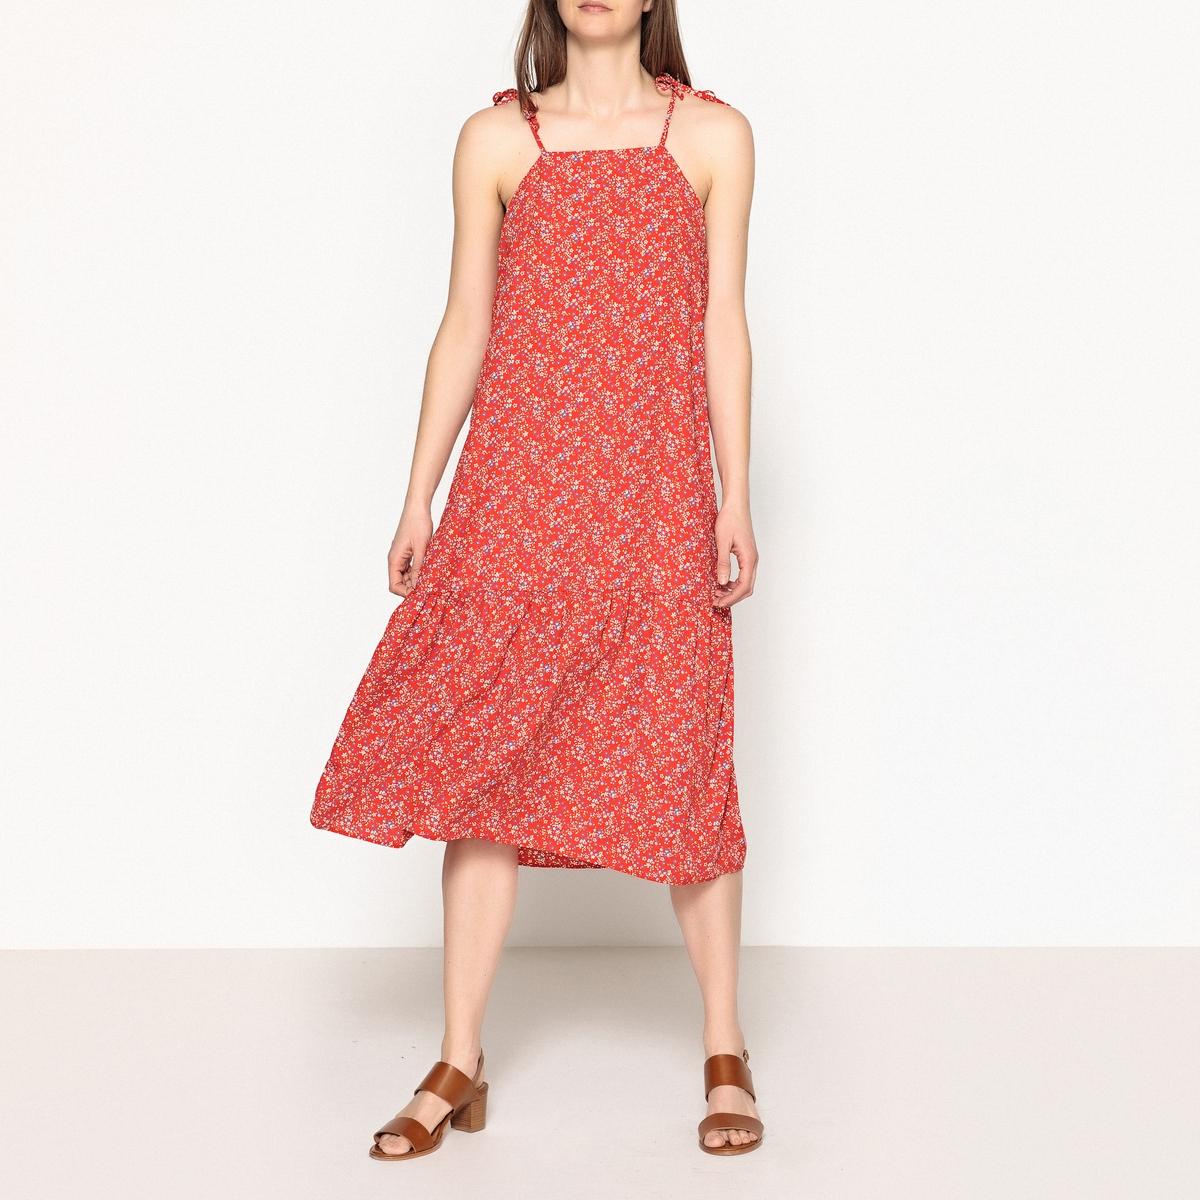 Платье с рисунком на тонких бретелях JENNY шерстяное платье на тонких бретелях